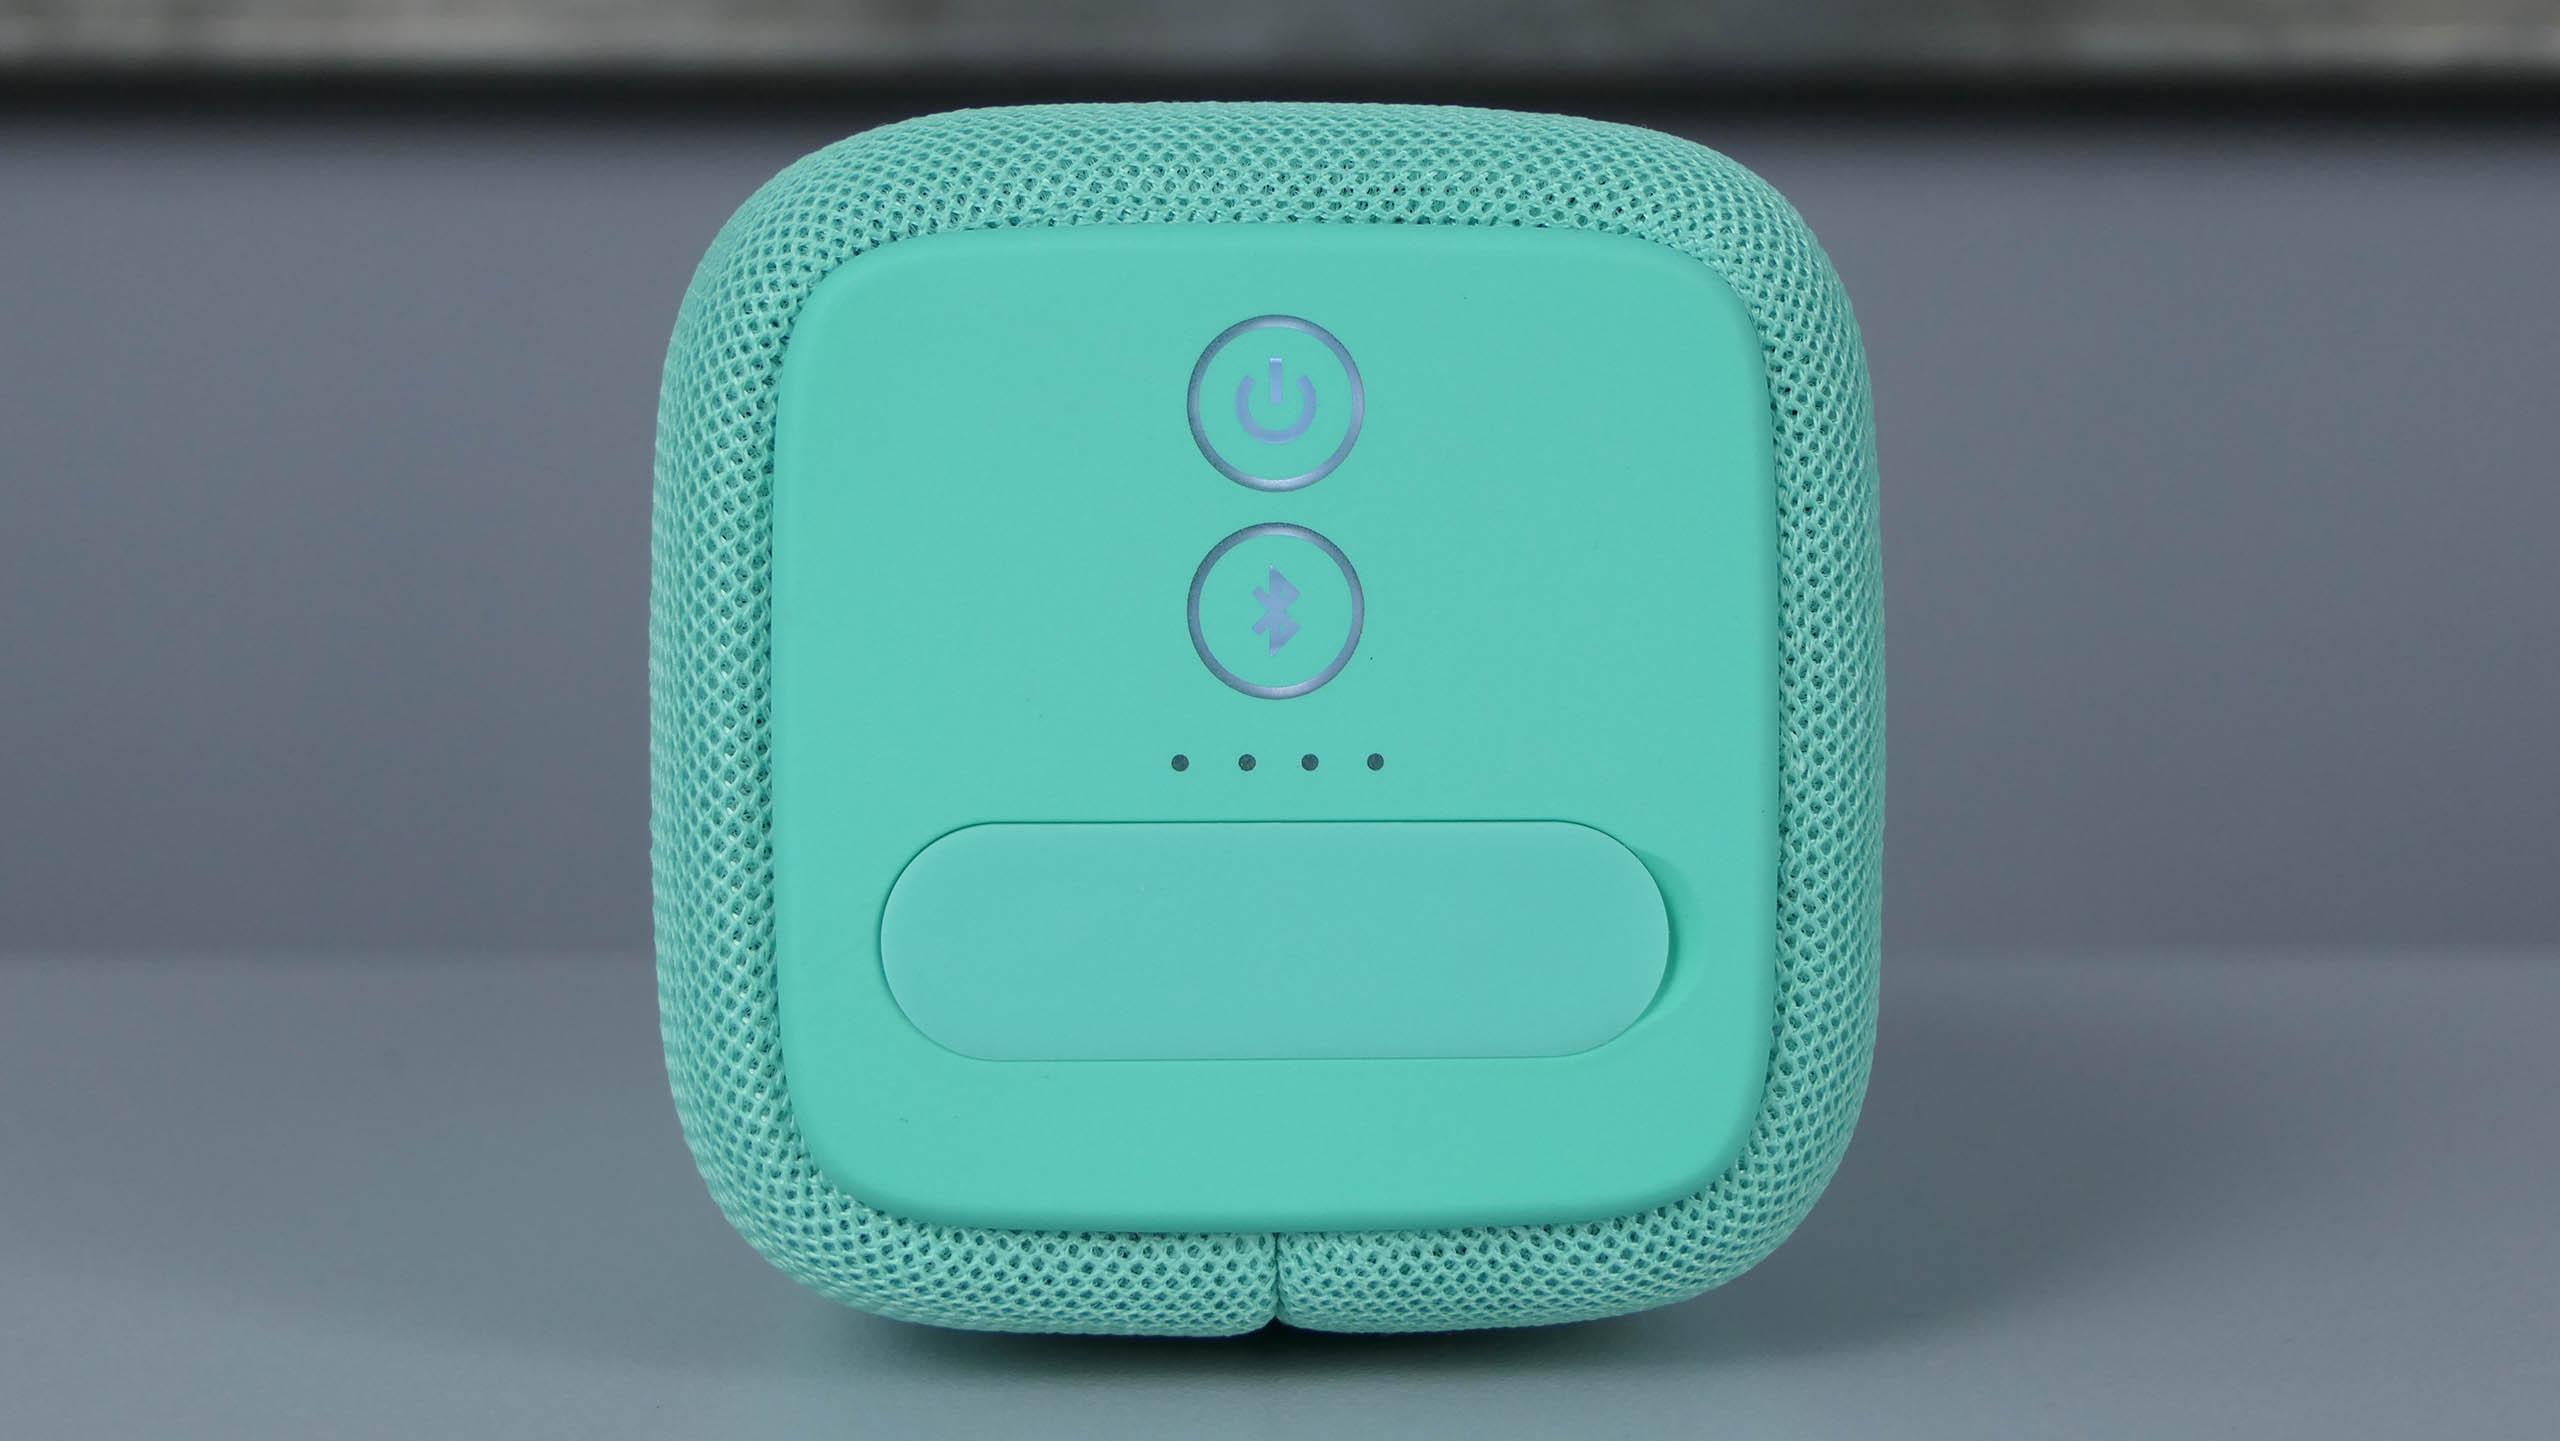 RockBox Bold M - przycisk zasilania oraz Bluetooth i zaślepka chroniąca porty